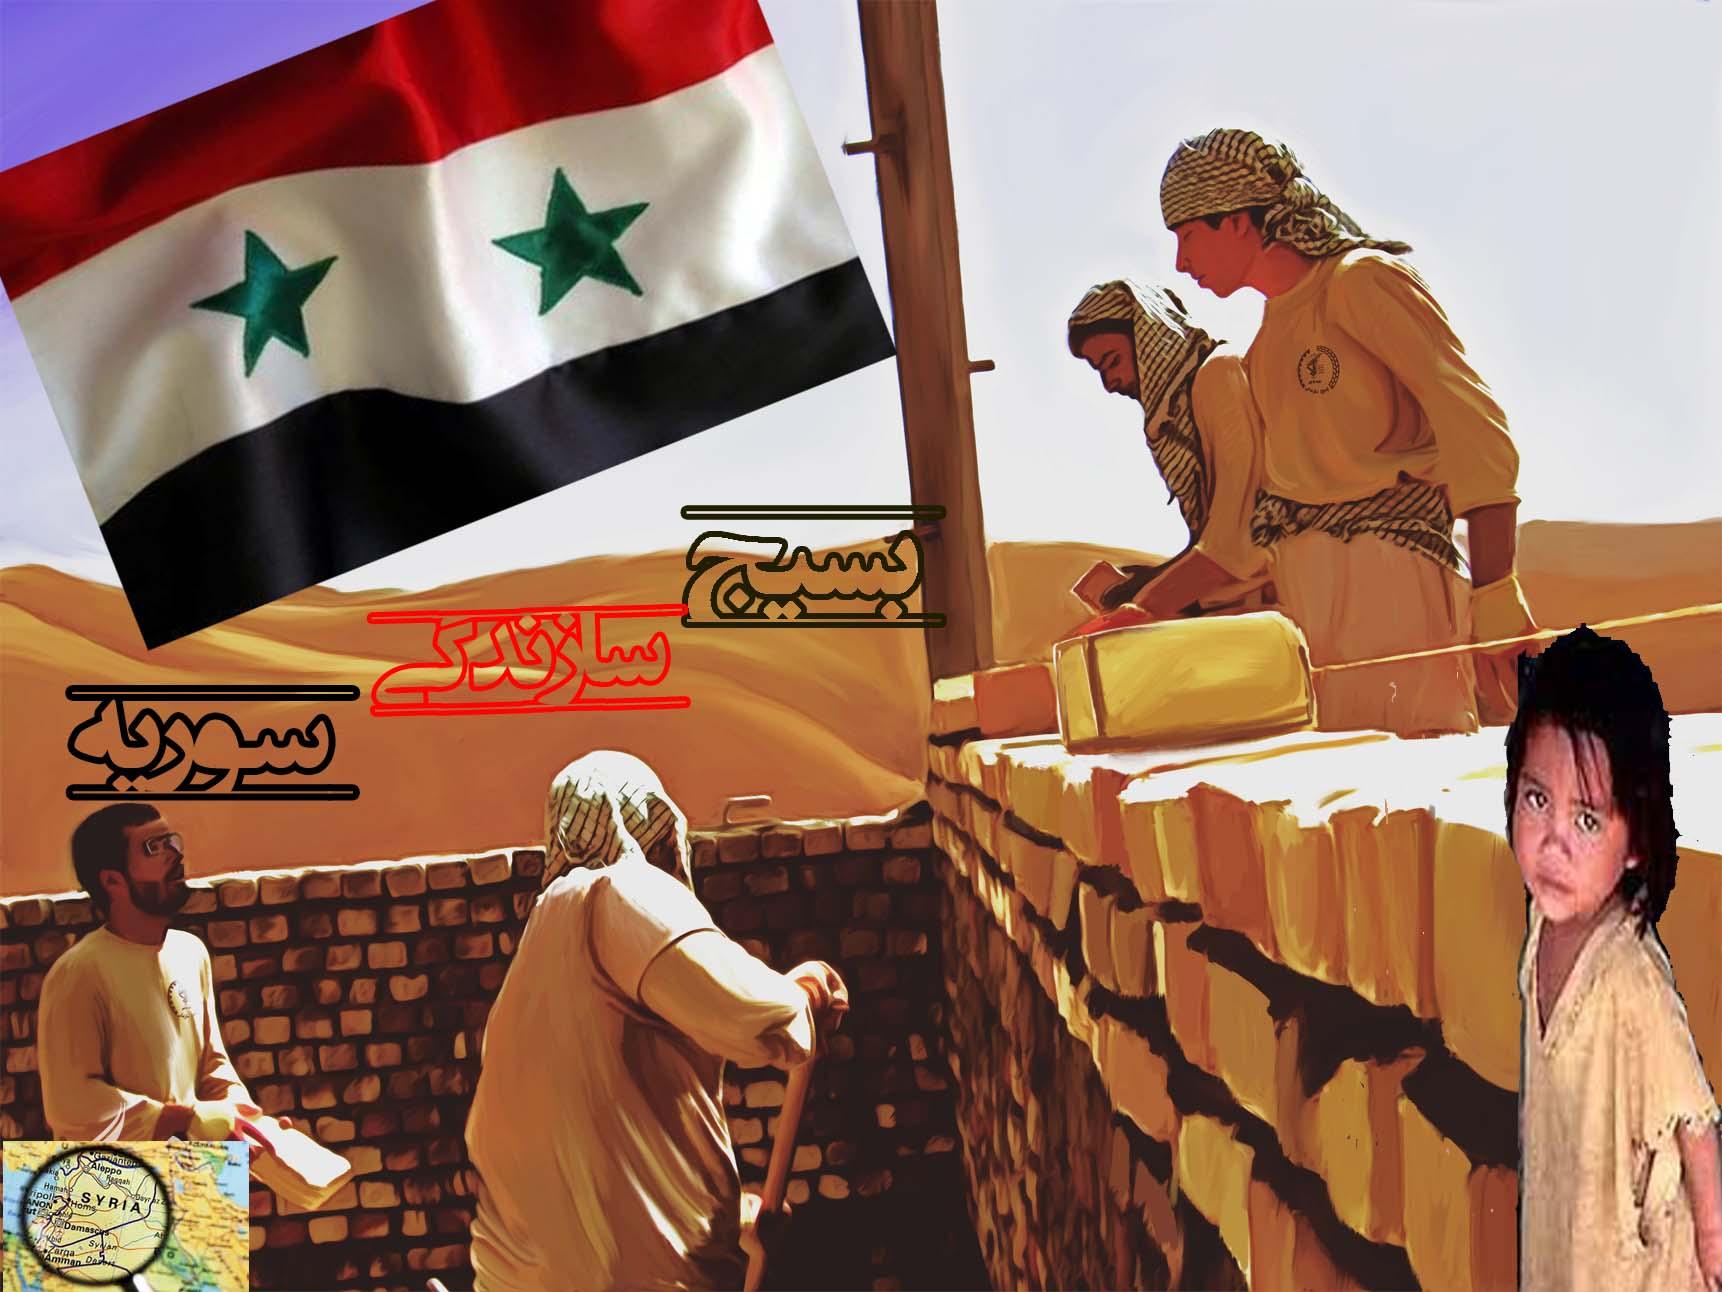 مقام سپاه: تشکیل بسیج سازندگی در سوریه